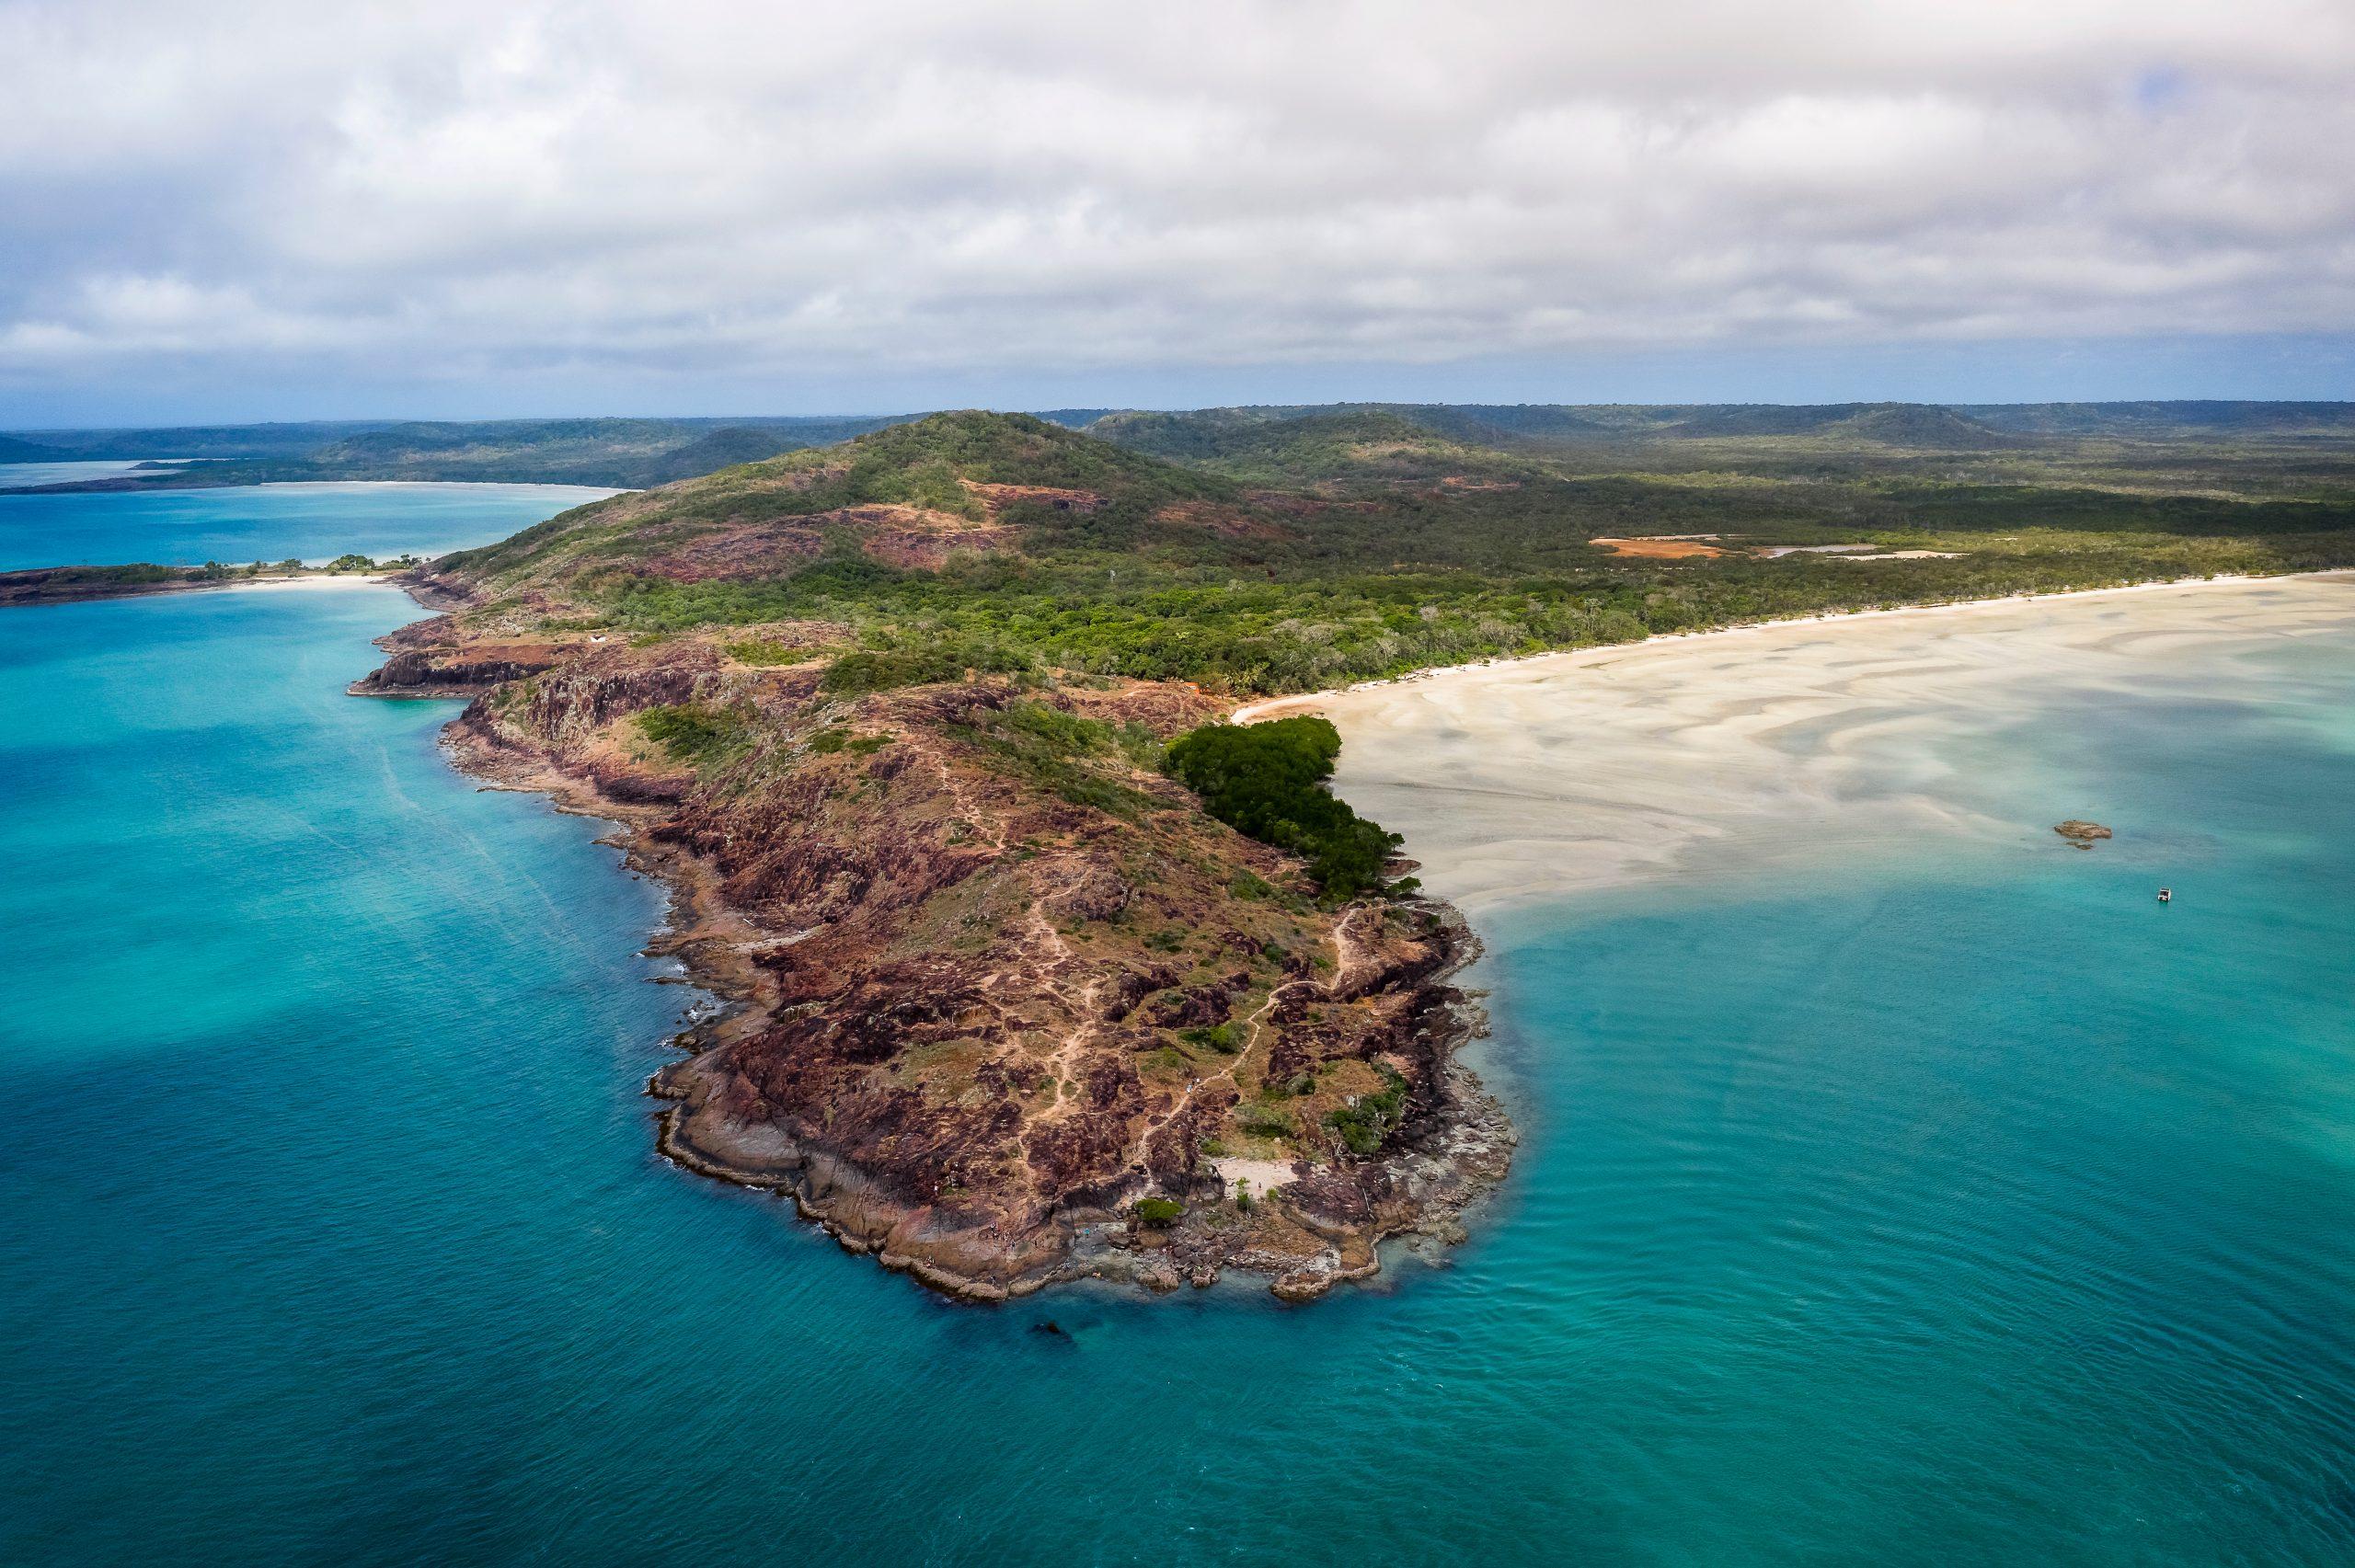 image - remote Australia